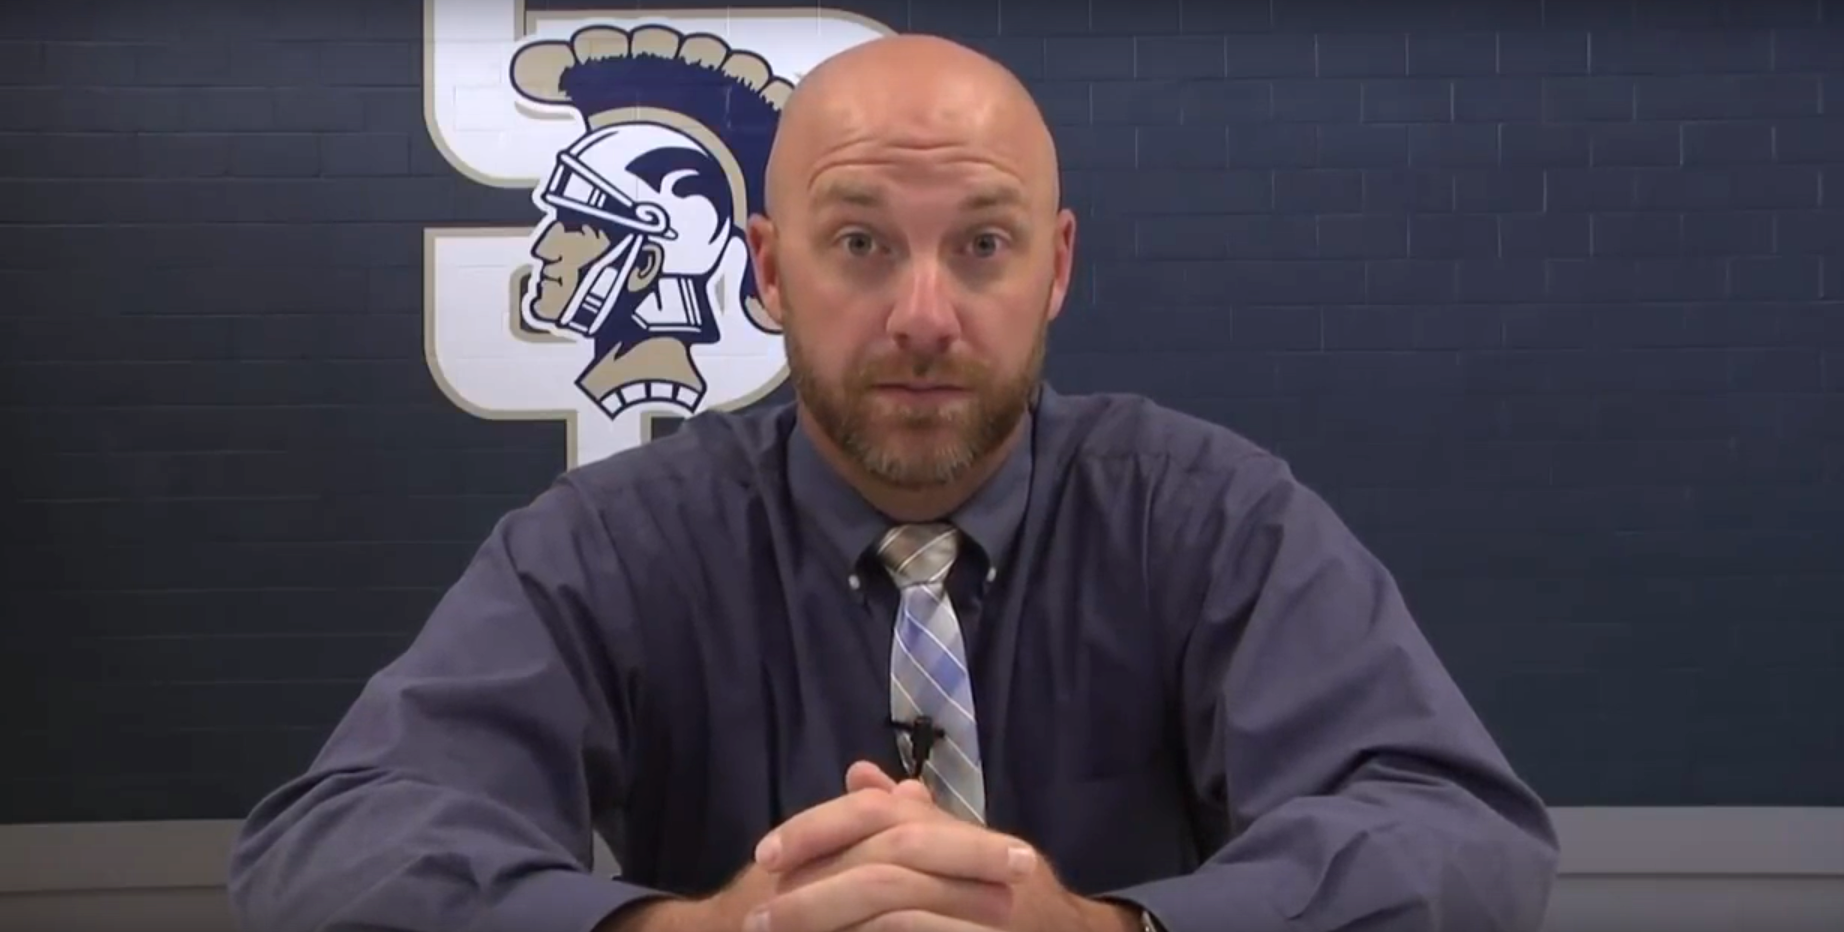 Soddy-Daisy High School athletic director says girls 'ruin